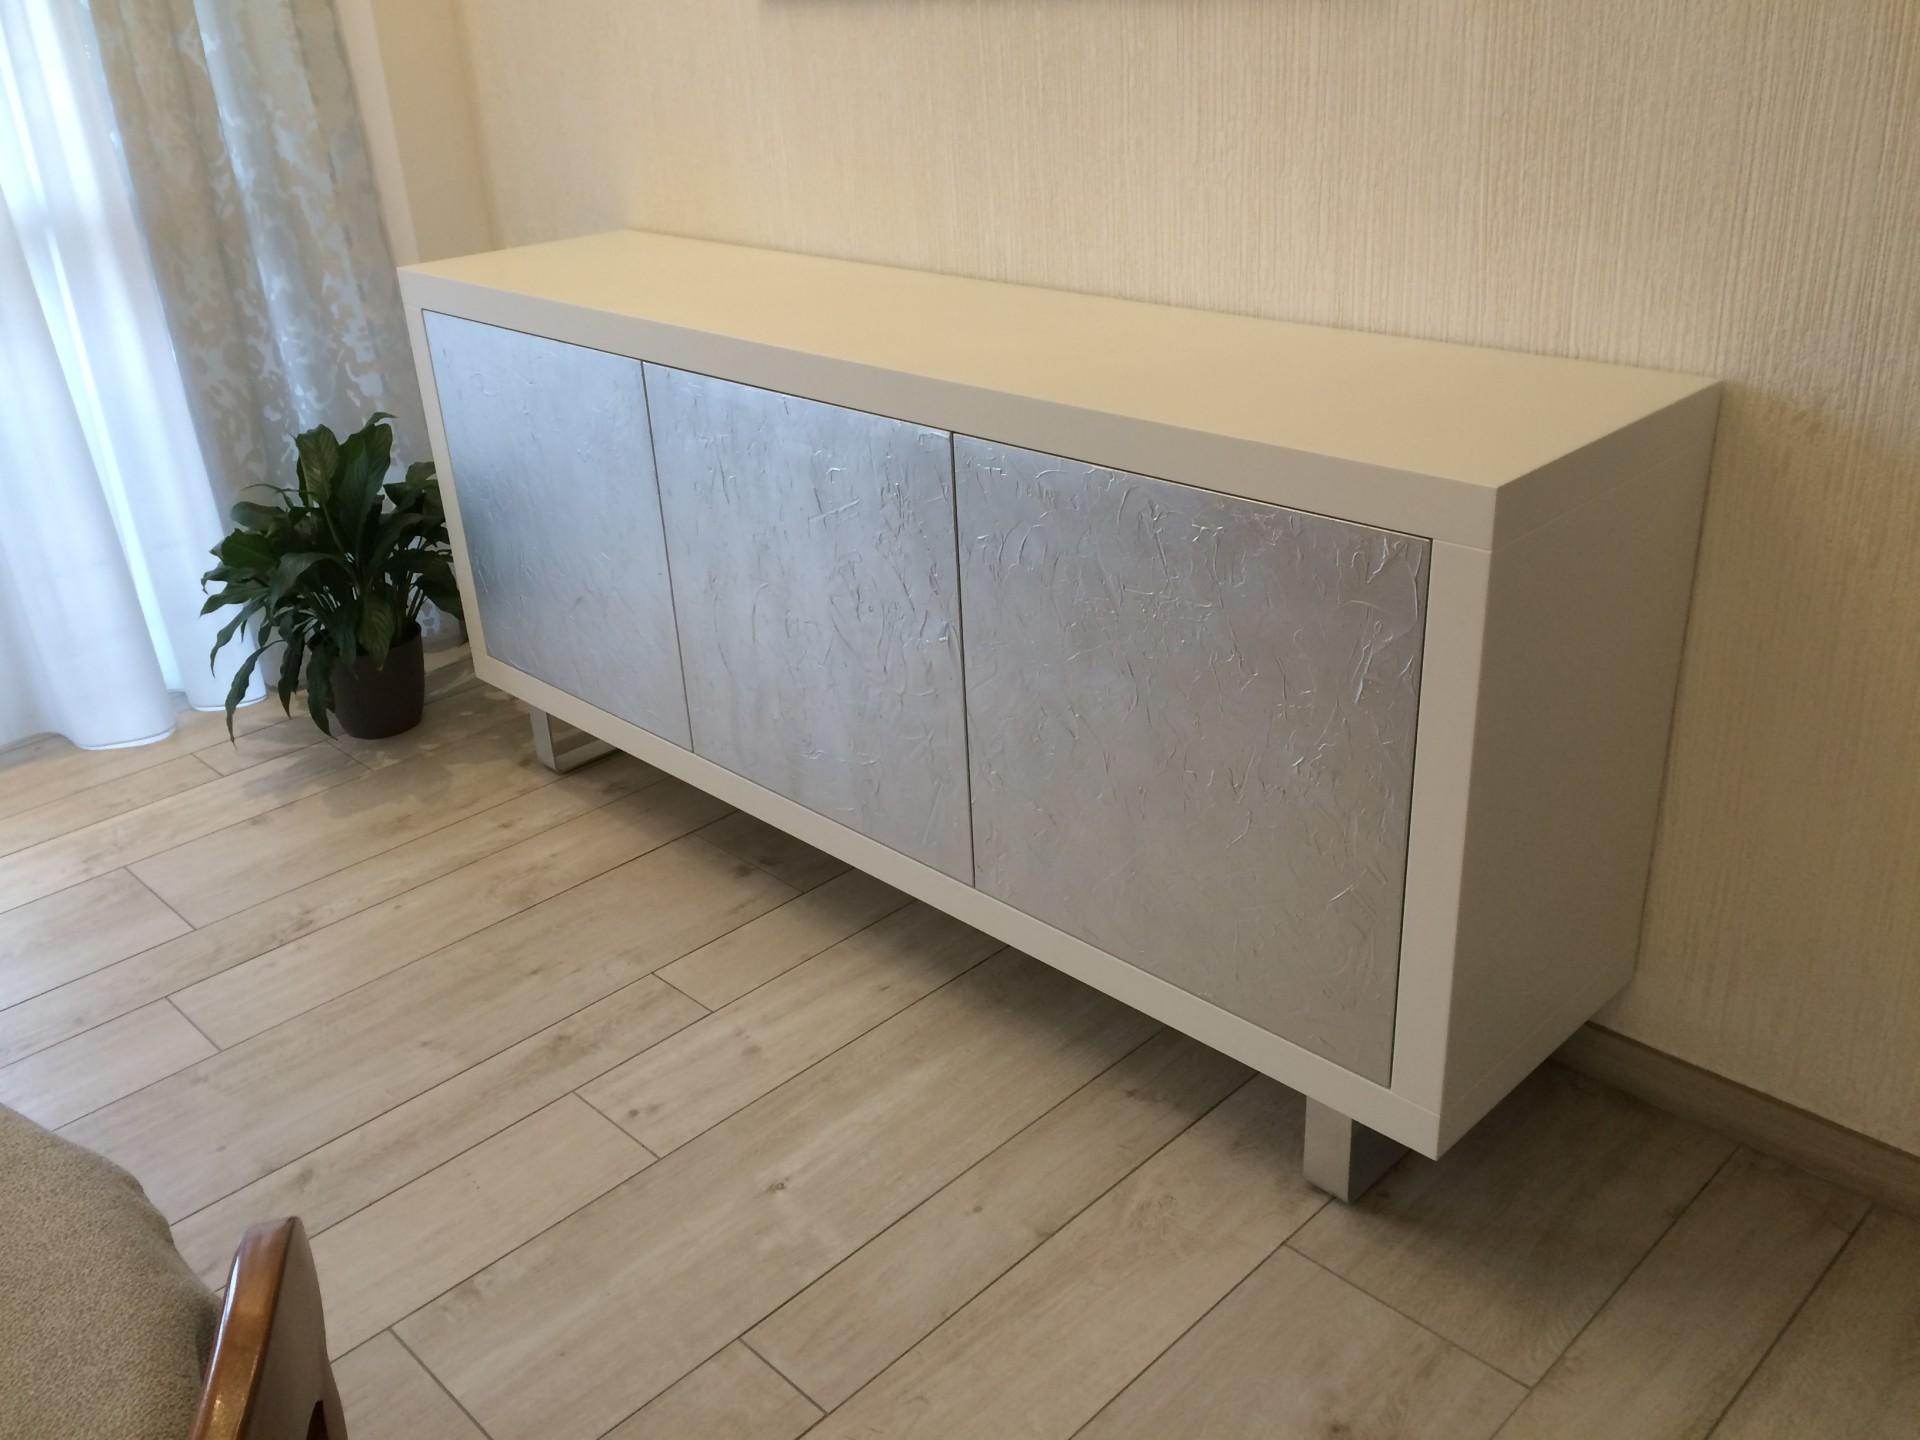 Credenza Arte Povera Misure : Credenza arte povera mobili e accessori per la casa a lodi